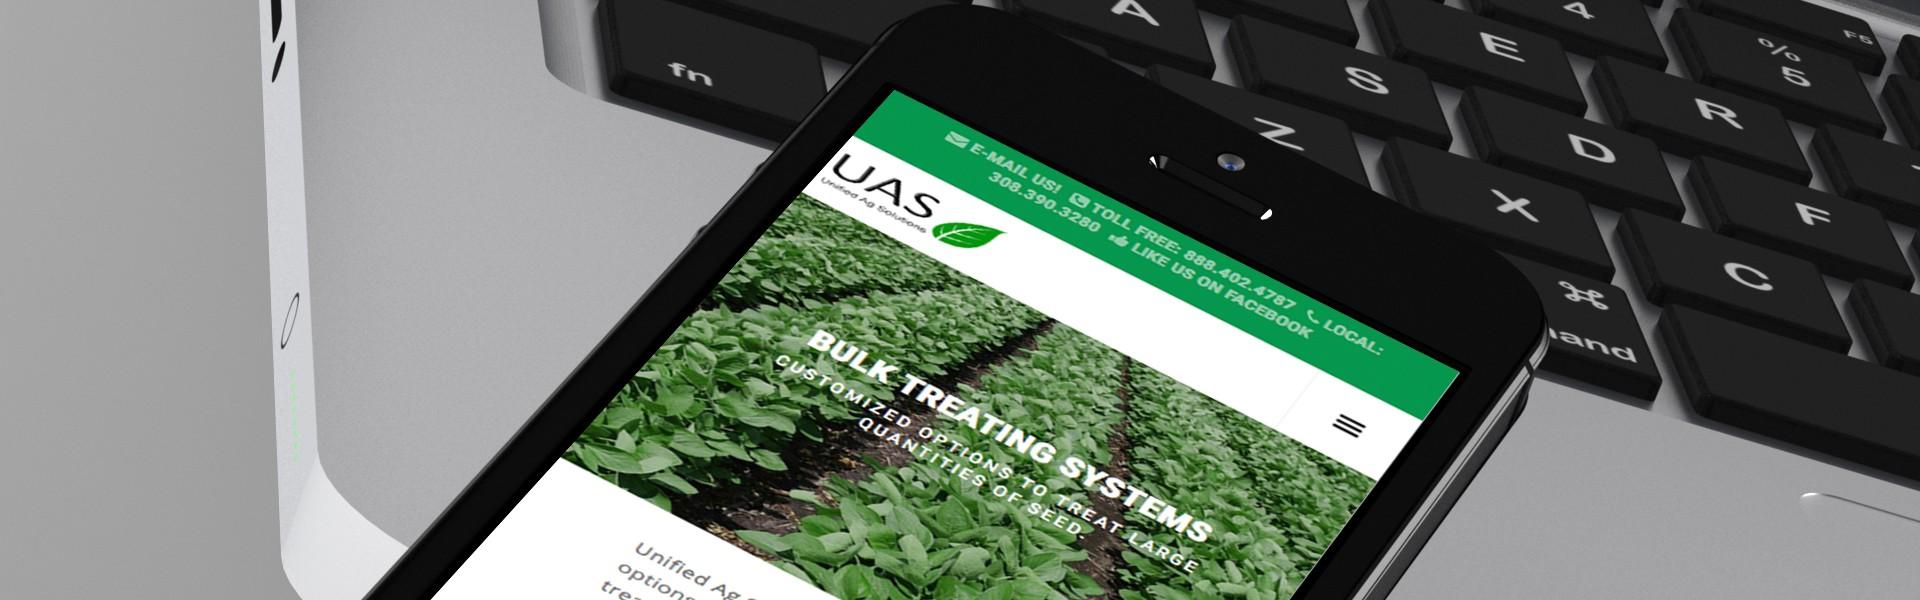 UAS Responsive Web Design